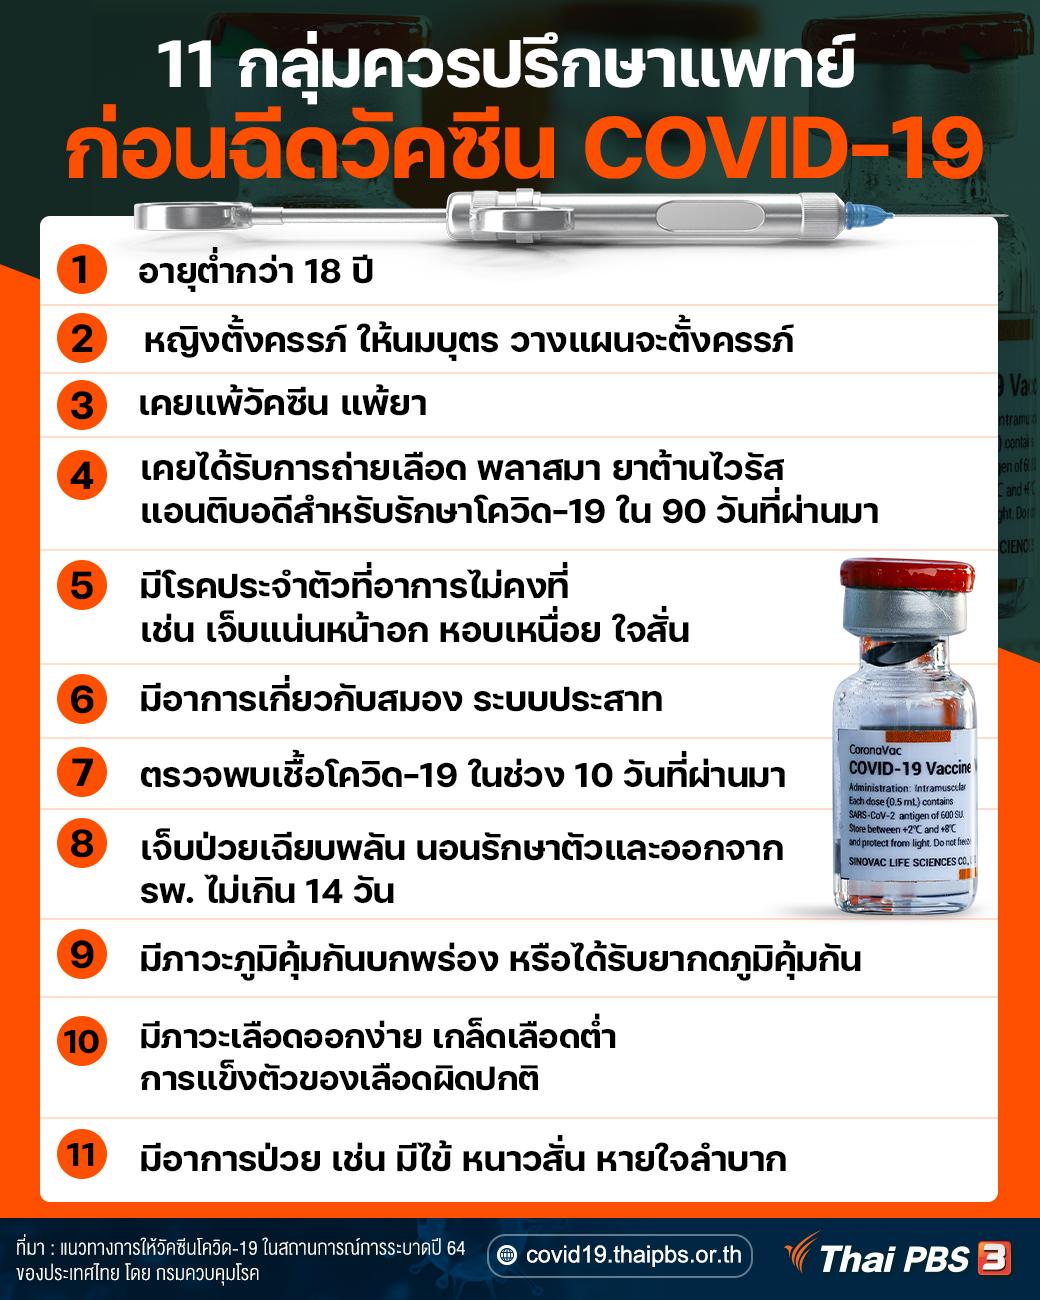 11 กลุ่มควรปรึกษาแพทย์ก่อนฉีดวัคซีน